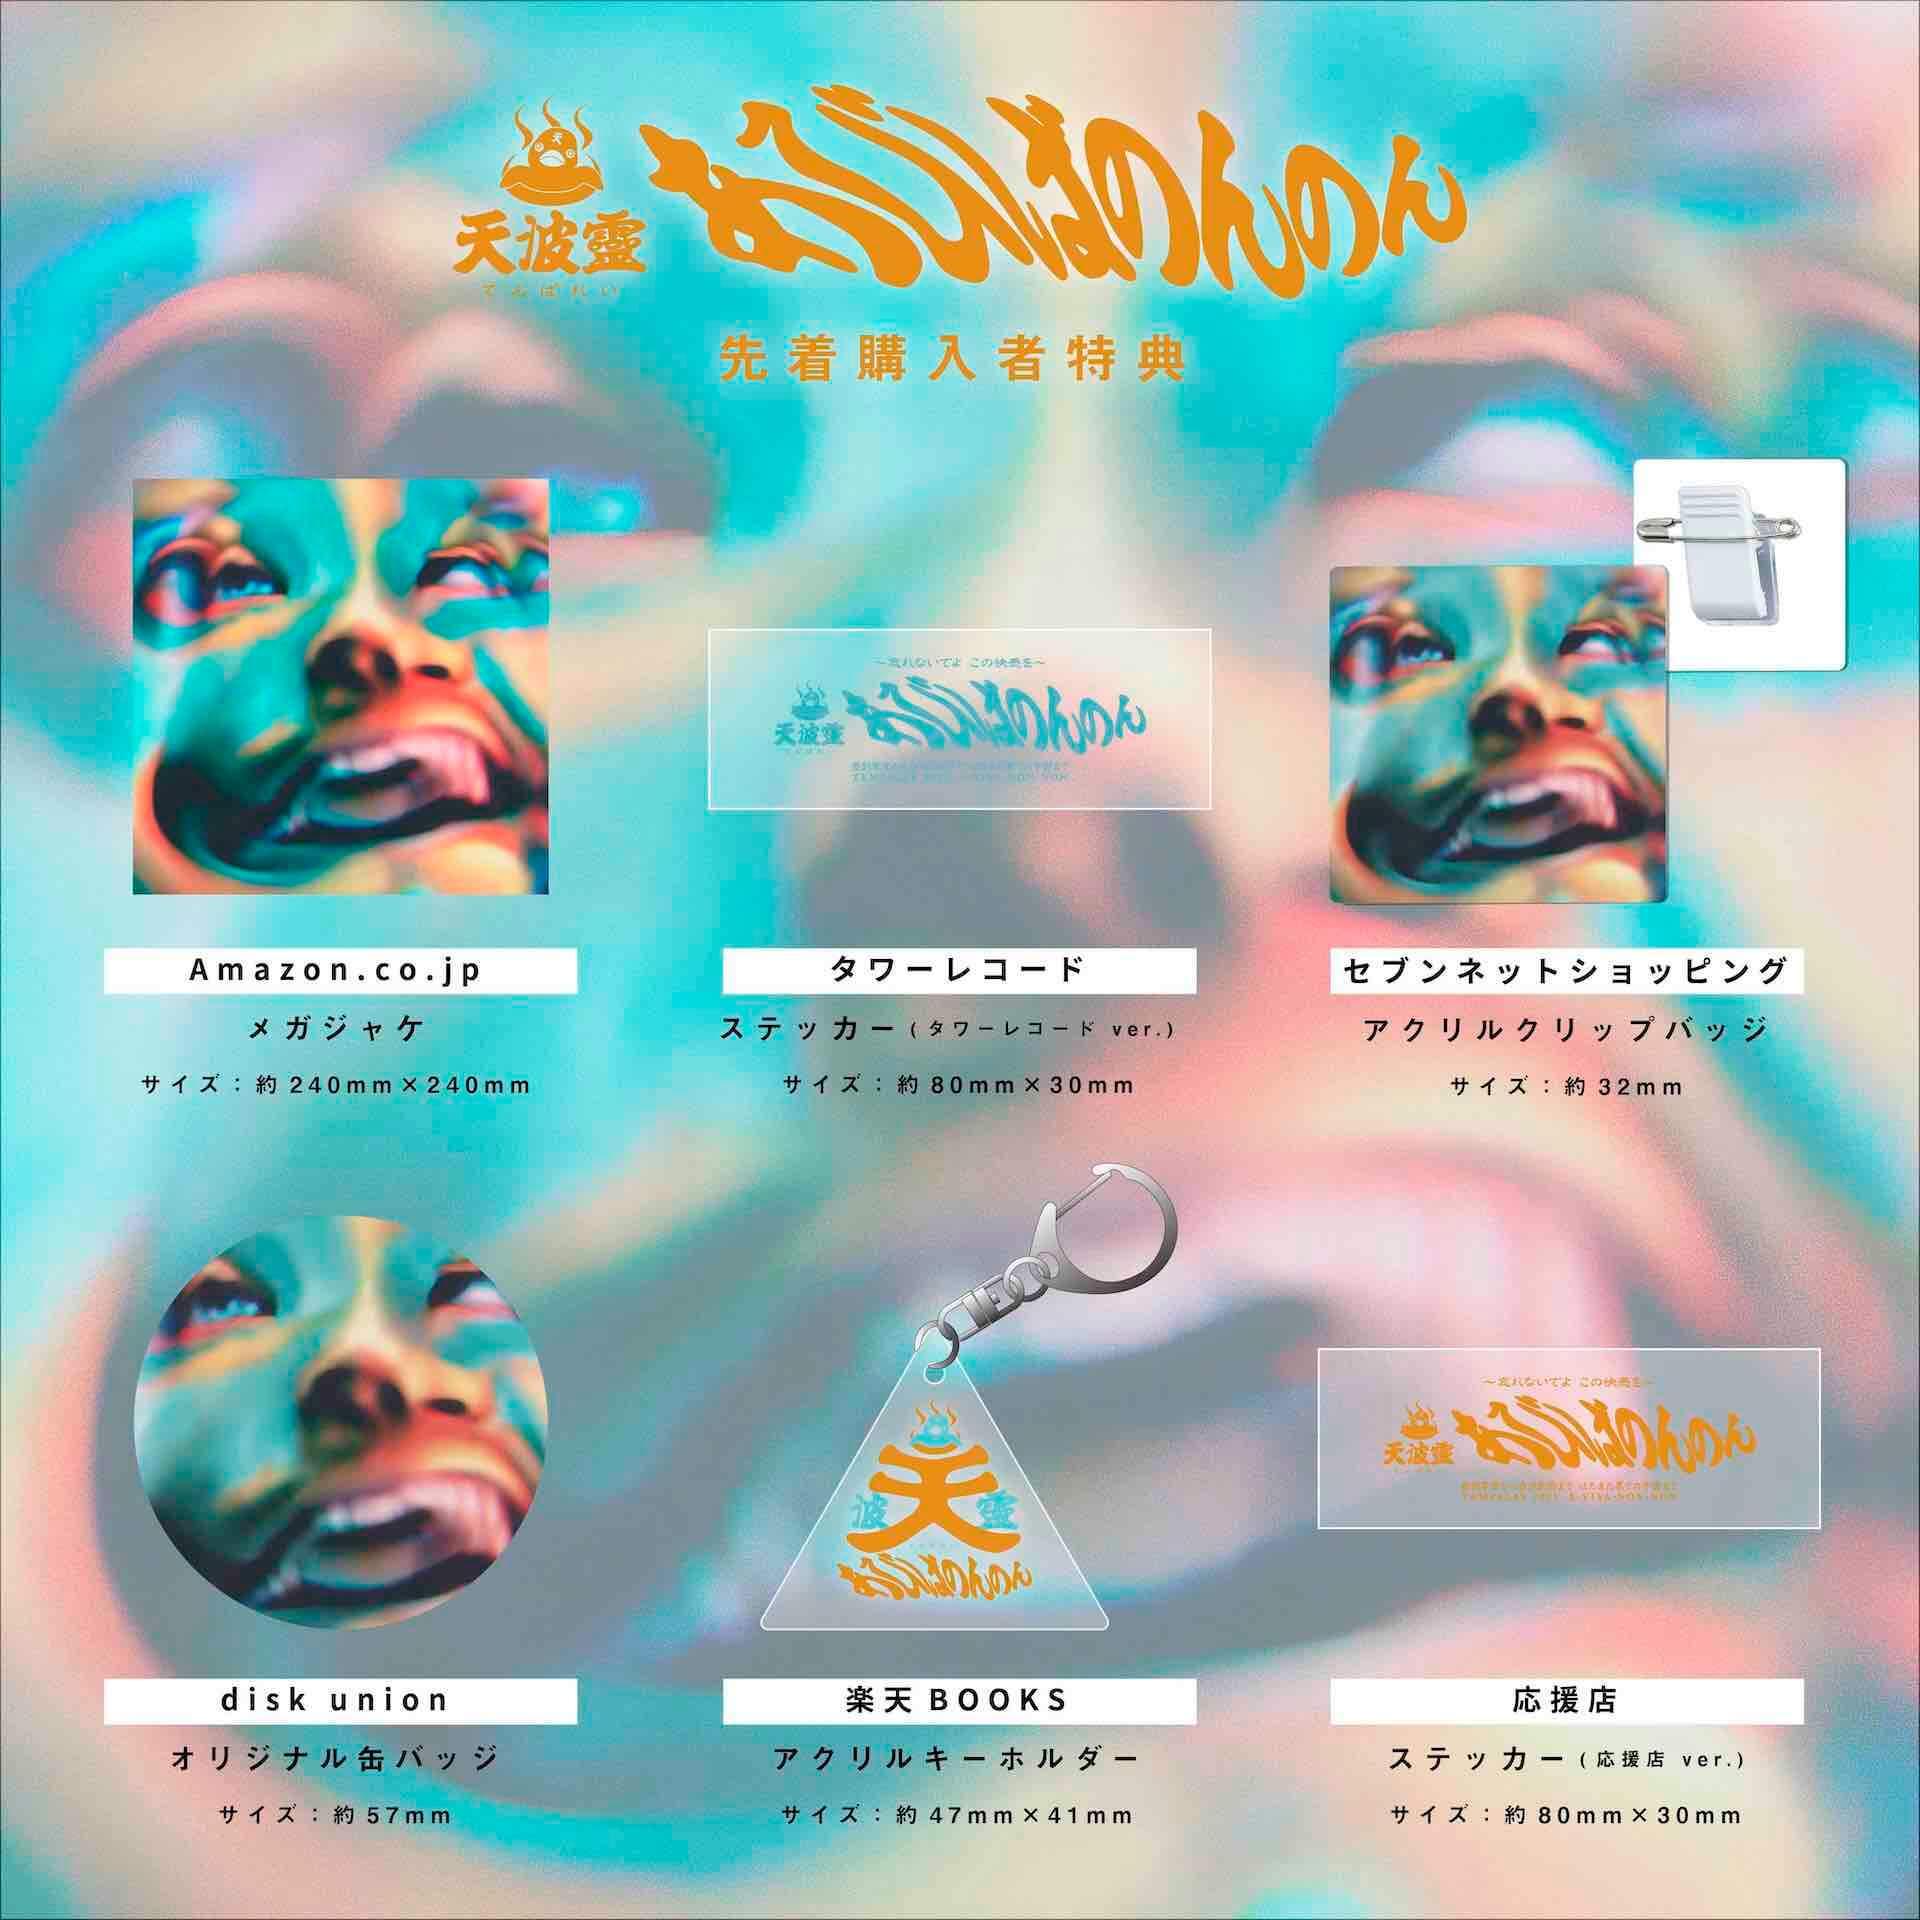 Tempalayのニューシングル『あびばのんのん』が発売決定!『サ道2021』エンディングテーマとして話題 music210716_tempalay_cd_6